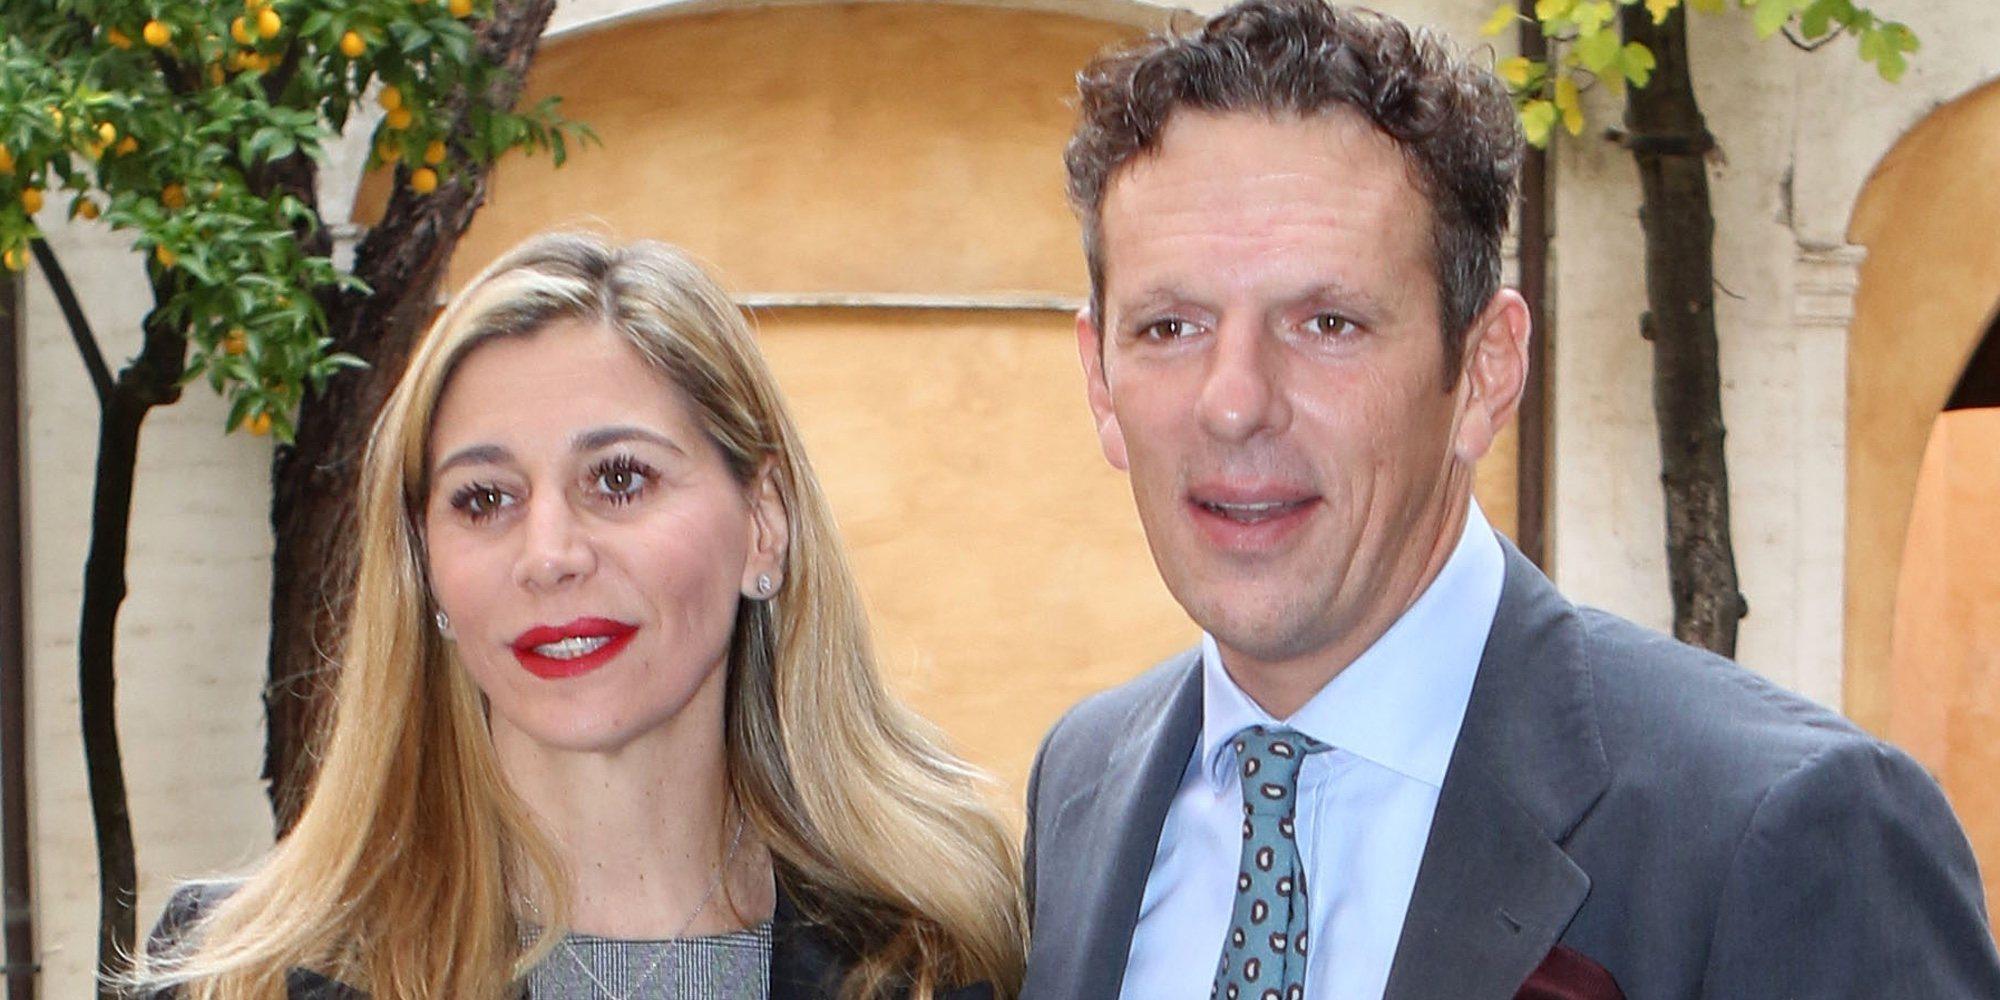 Joaquín Prat y Yolanda Bravo atraviesan una crisis tras nueve años de relación